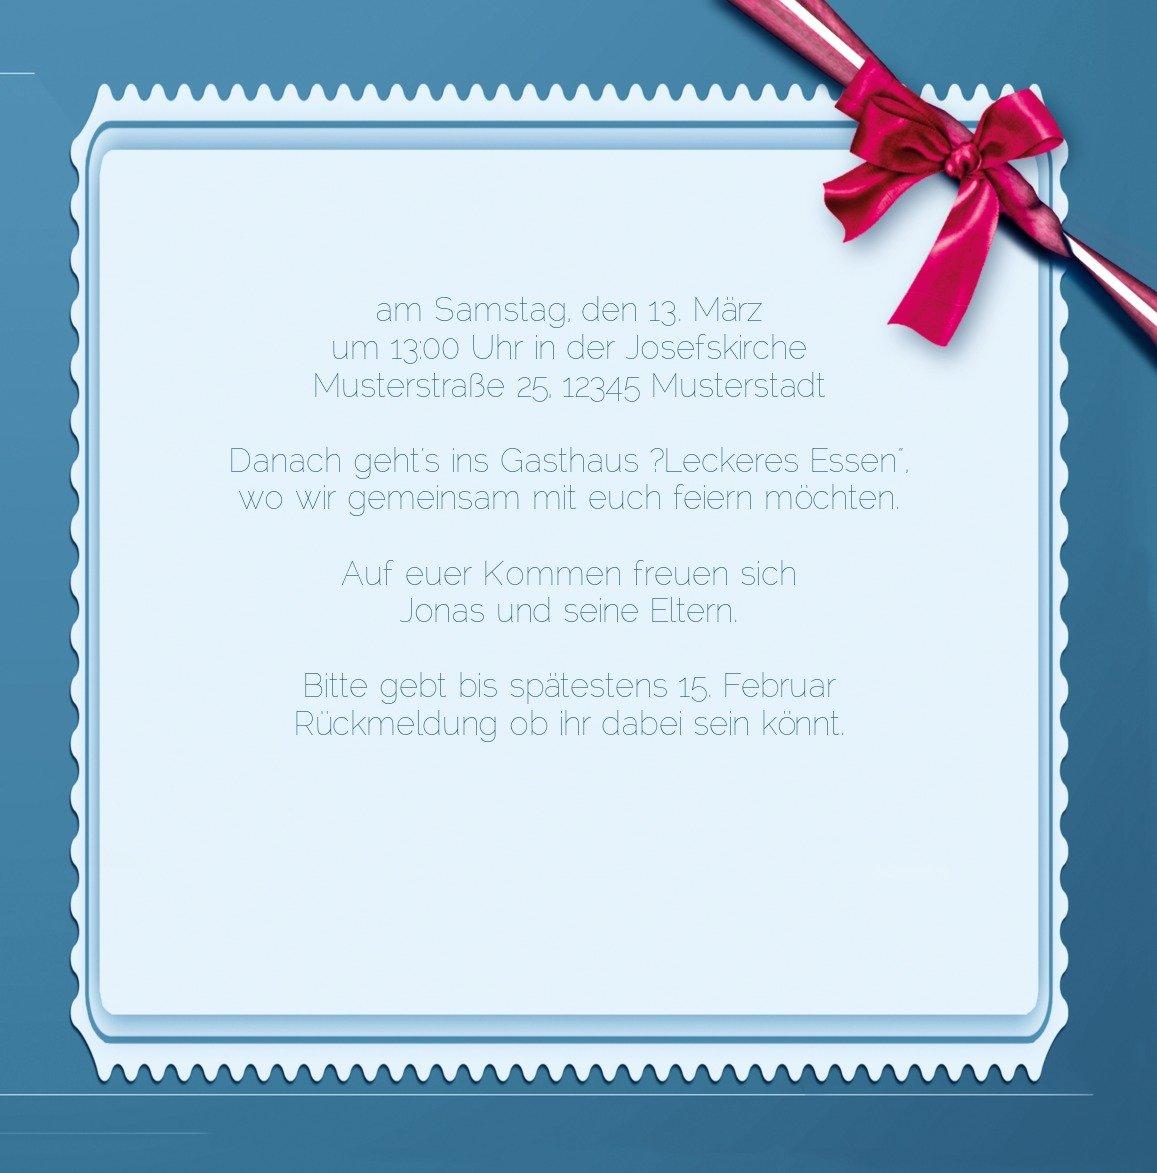 Kartenparadies Einladungskarte Taufeinladung Taufkarte Ribbon, hochwertige Einladung zur Taufe Taufe Taufe inklusive Umschläge   10 Karten - (Format  145x145 mm) Farbe  Rosalila B01MUGKMU5   Hochwertig    Glücklicher Startpunkt    Deutschland Online Shop  f684fe